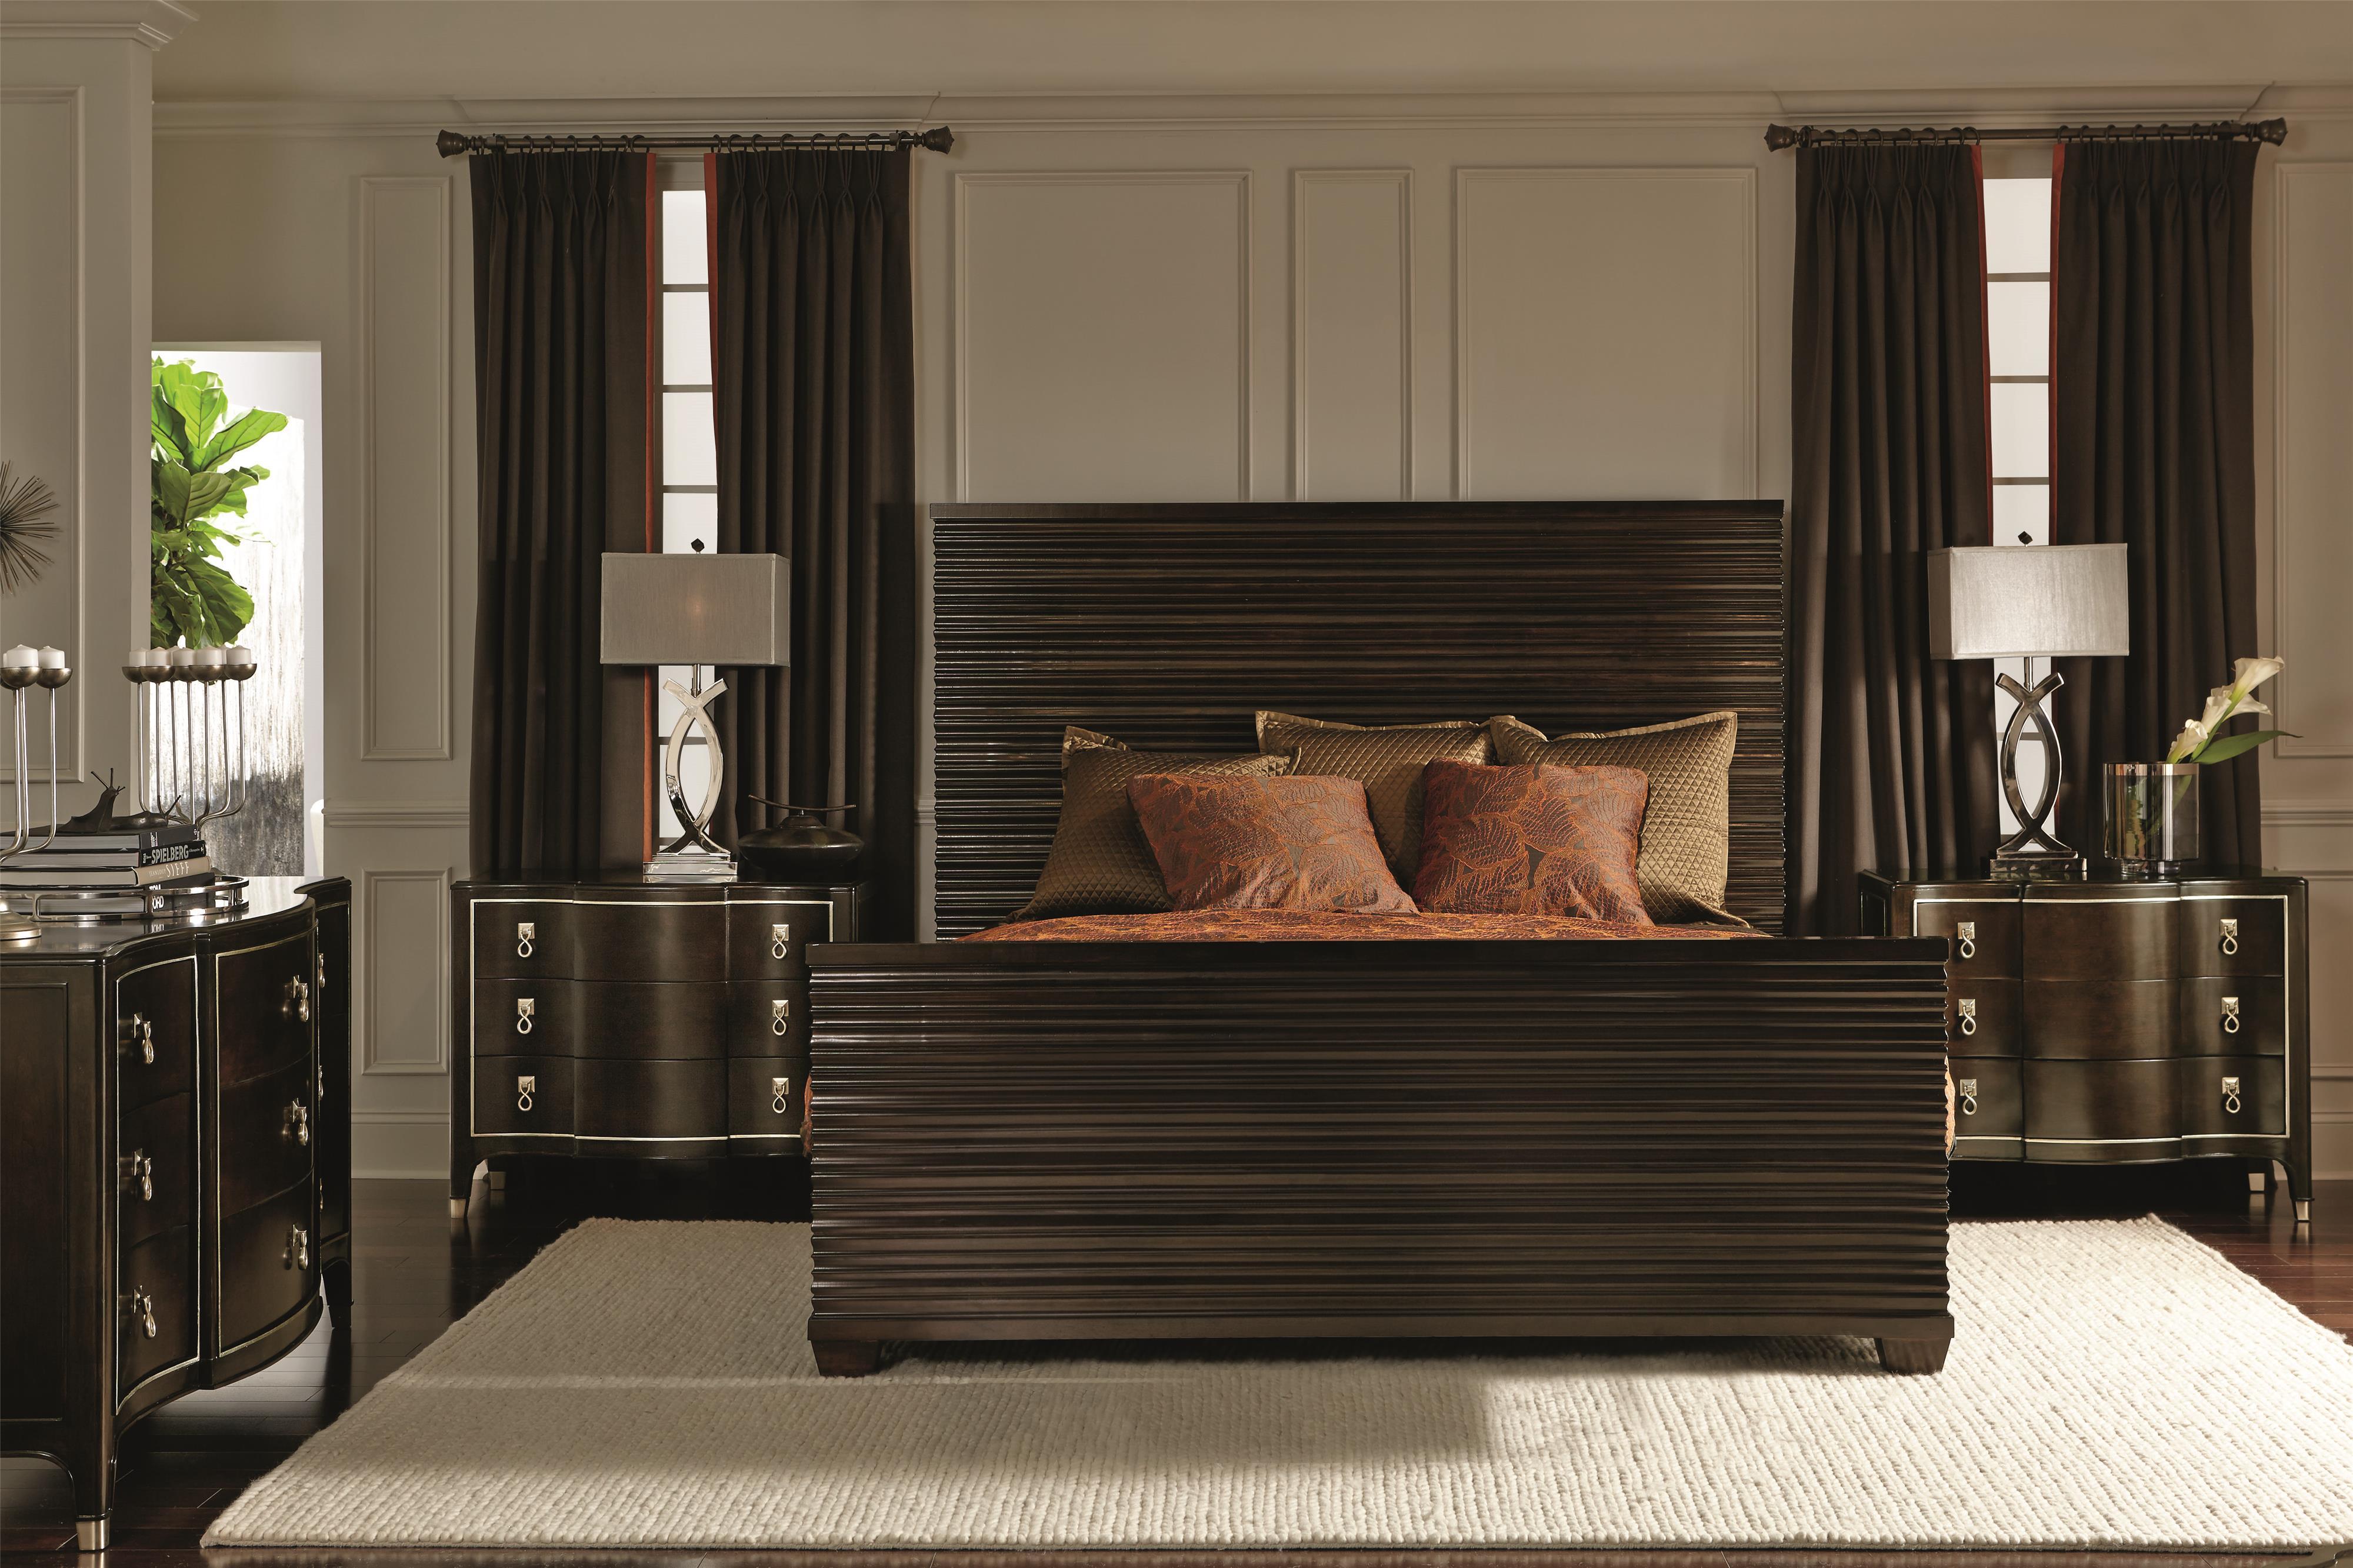 Superieur Miramont (360) By Bernhardt   Baeru0027s Furniture   Bernhardt Miramont Dealer